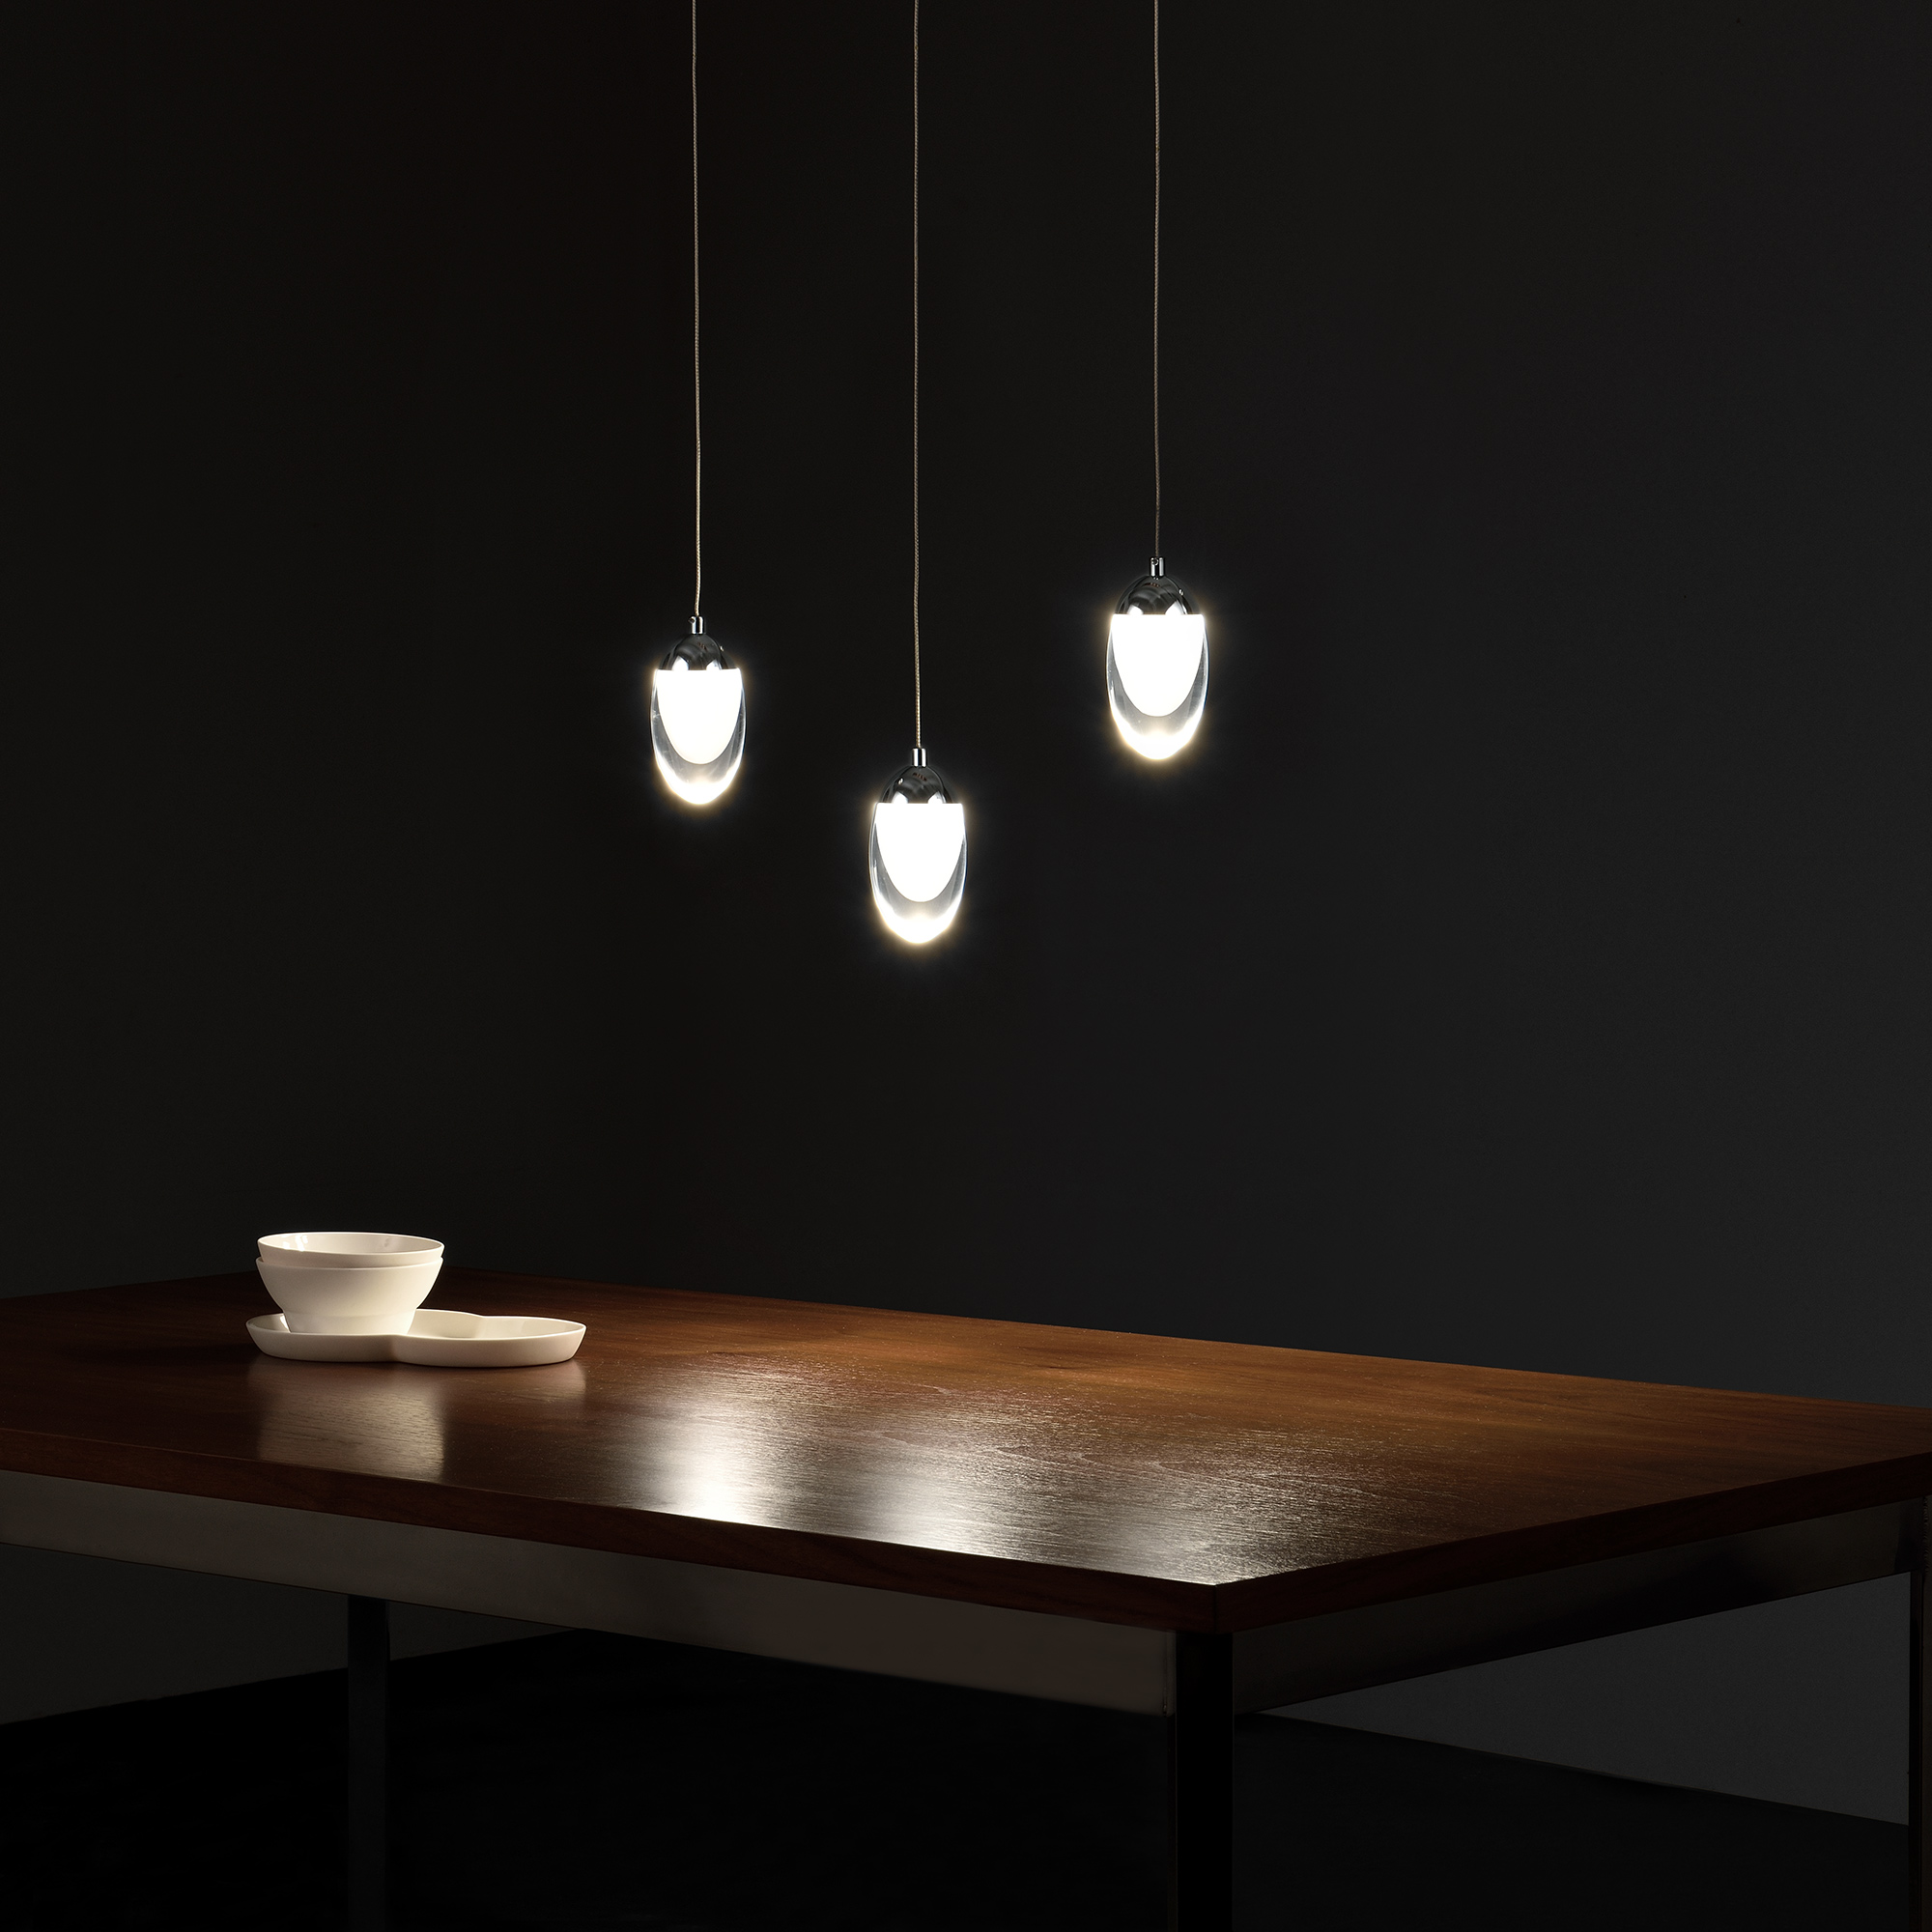 led deckenleuchte design h ngeleuchte. Black Bedroom Furniture Sets. Home Design Ideas